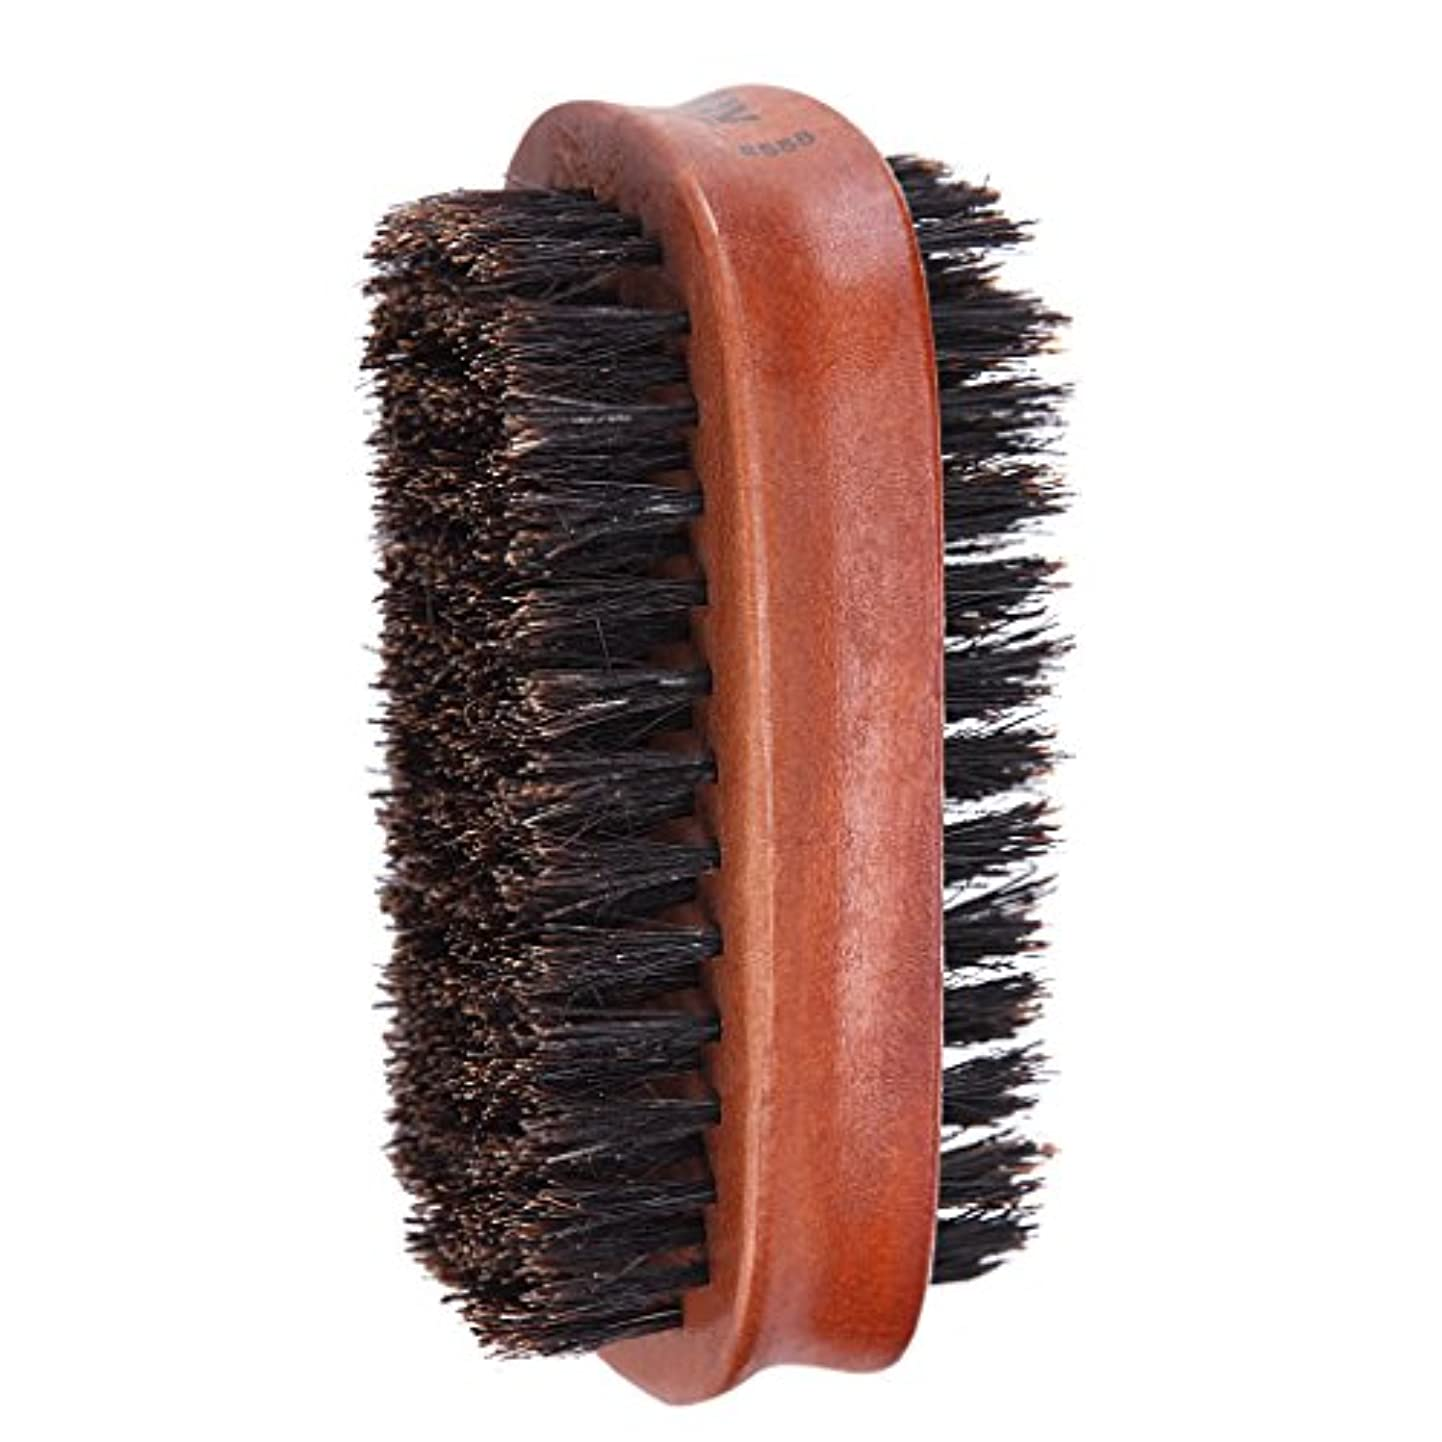 アナウンサー斧結果Toygogo ヘアブラシ 両面ブラシ 男性 髭 口ひげ グルーミングブラシ ブリストルブラシ